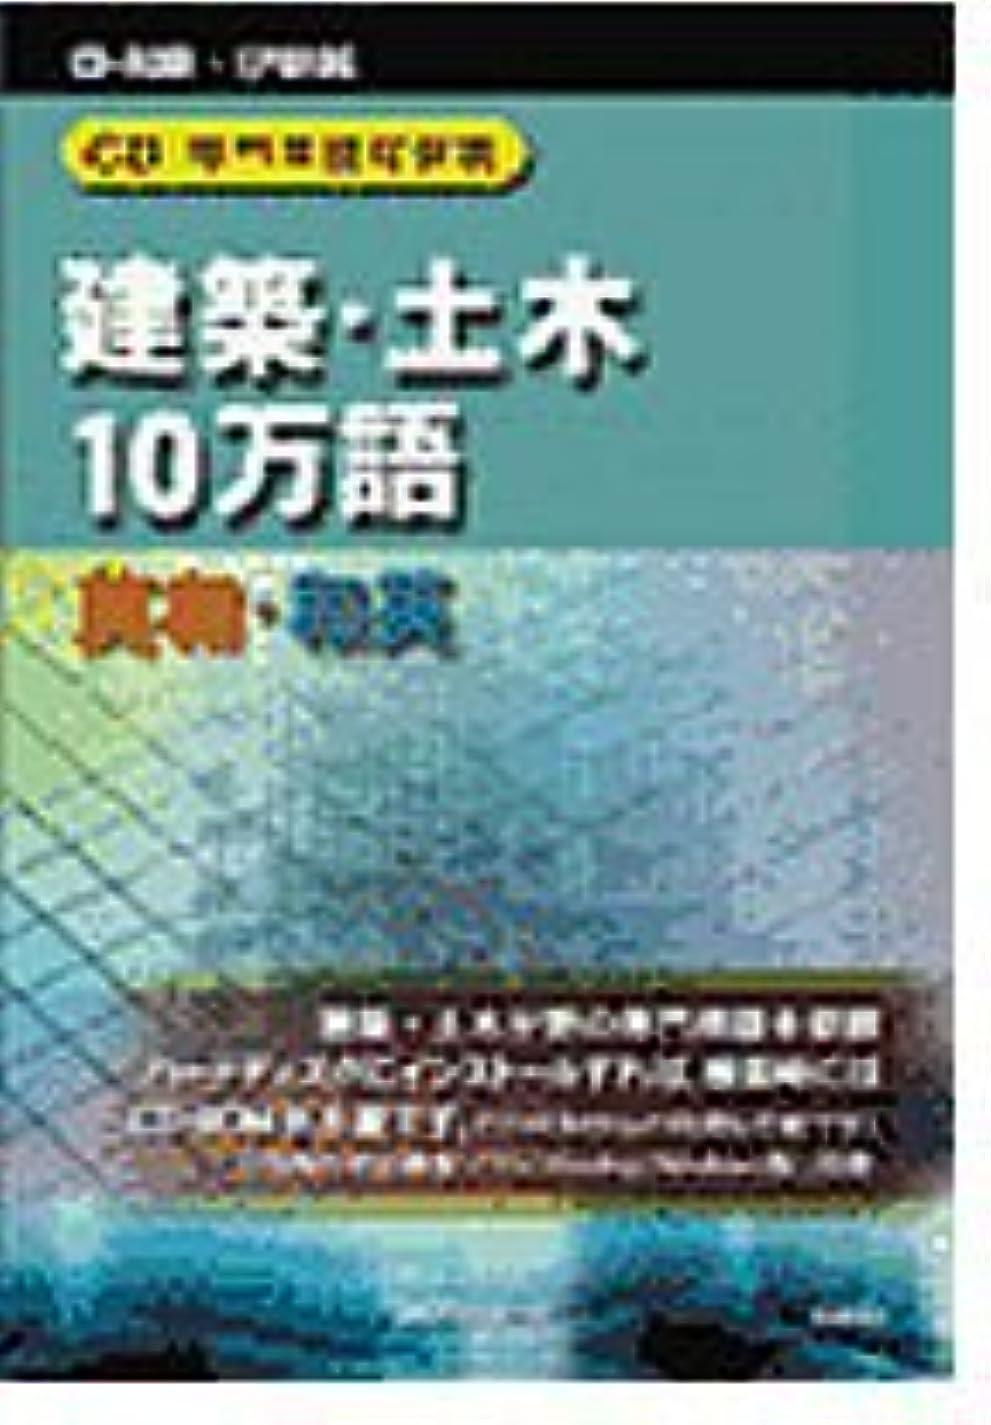 問い合わせ持ってるずんぐりした日外アソシエーツ CD専門用語対訳集建築?土木10万語英和/和英